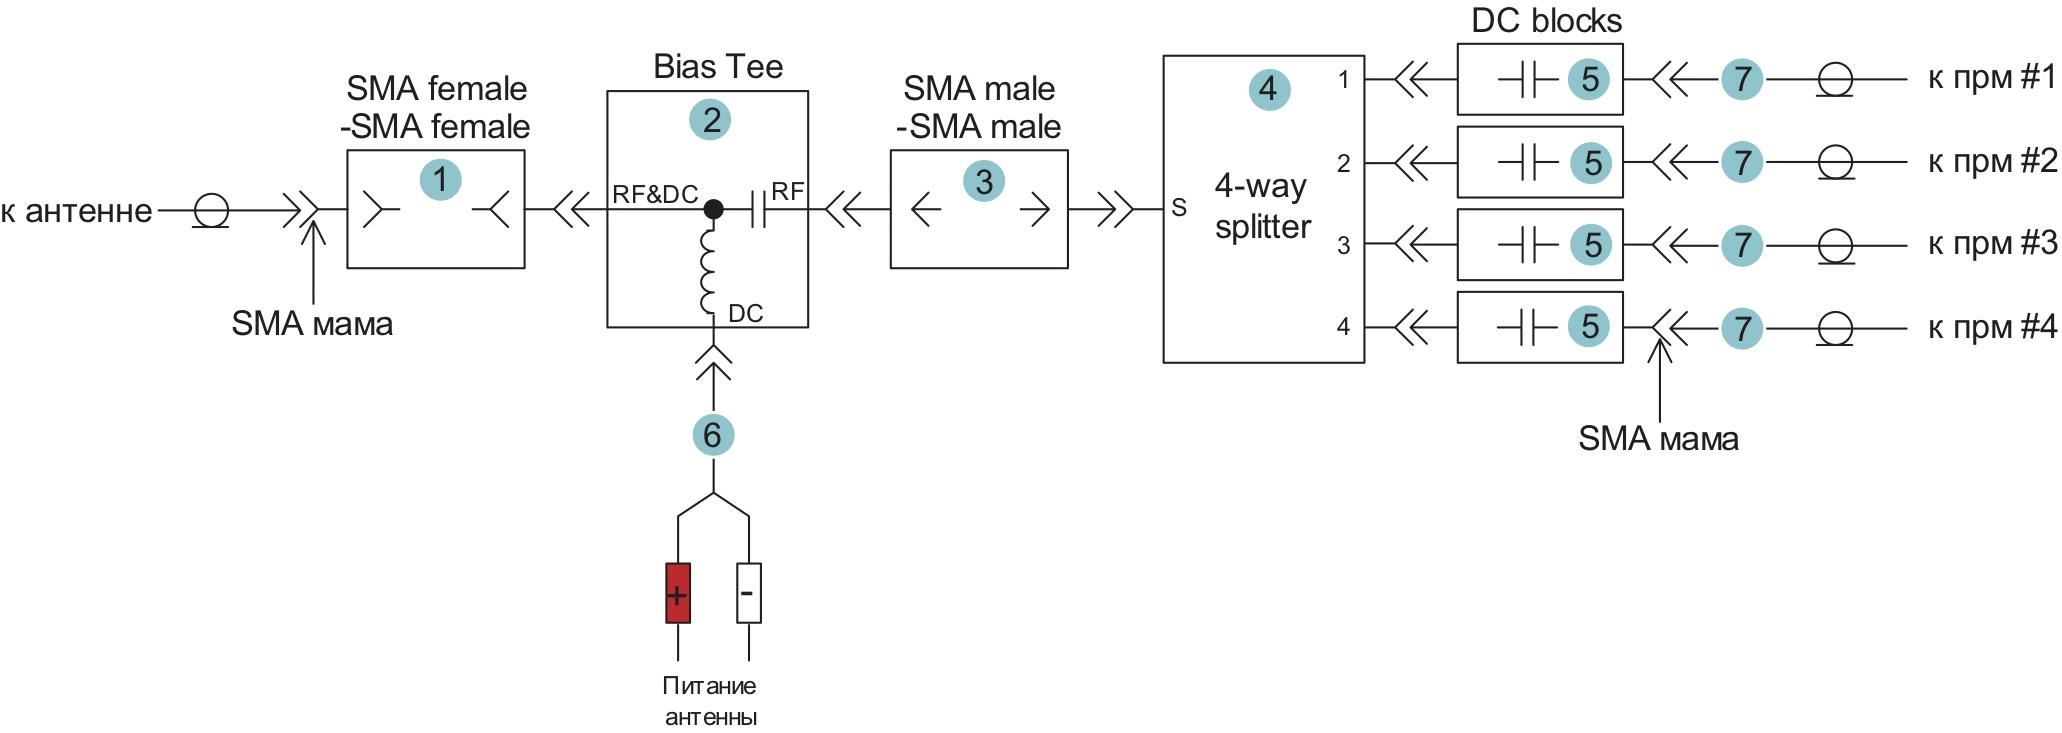 Схема одновременного подключения нескольких навигационных приемников к одной приемной антенне